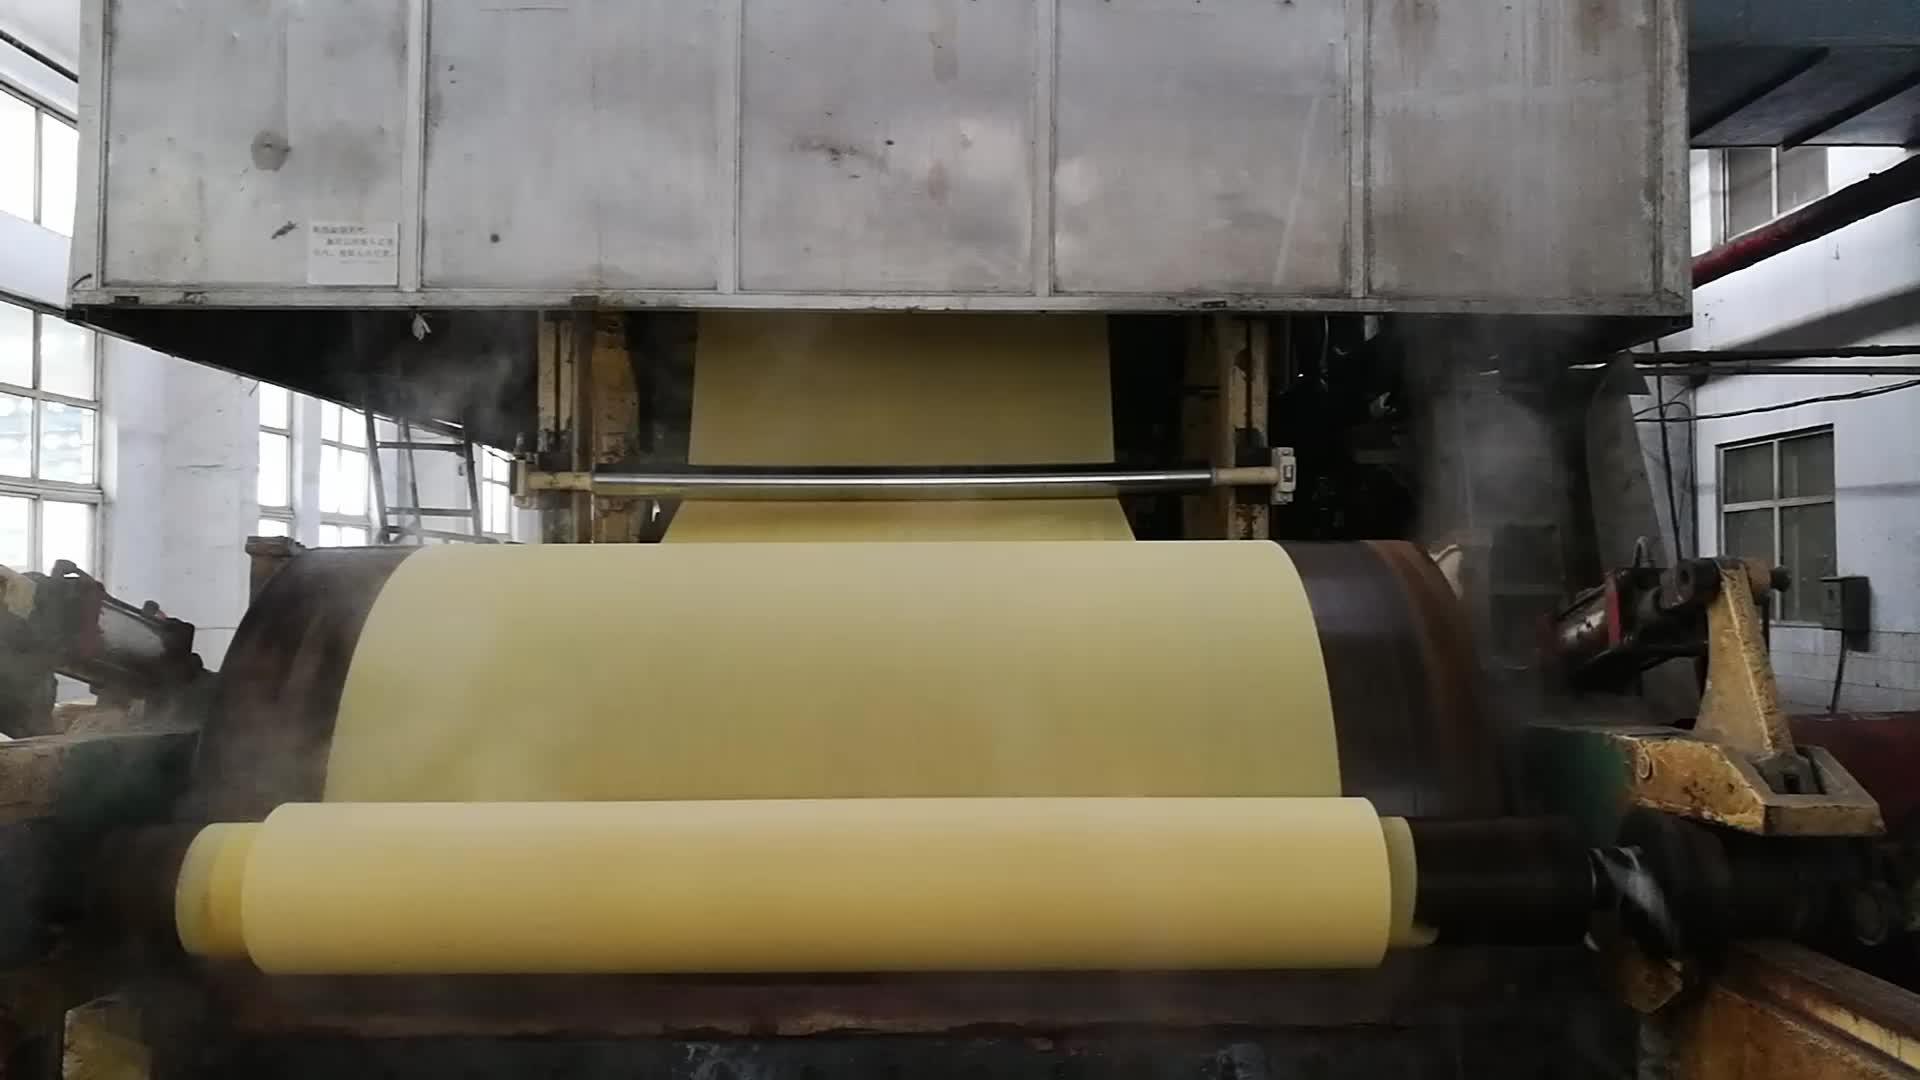 Veiligheid papier fabrikant uit China met watermerk, uv vezels en draad